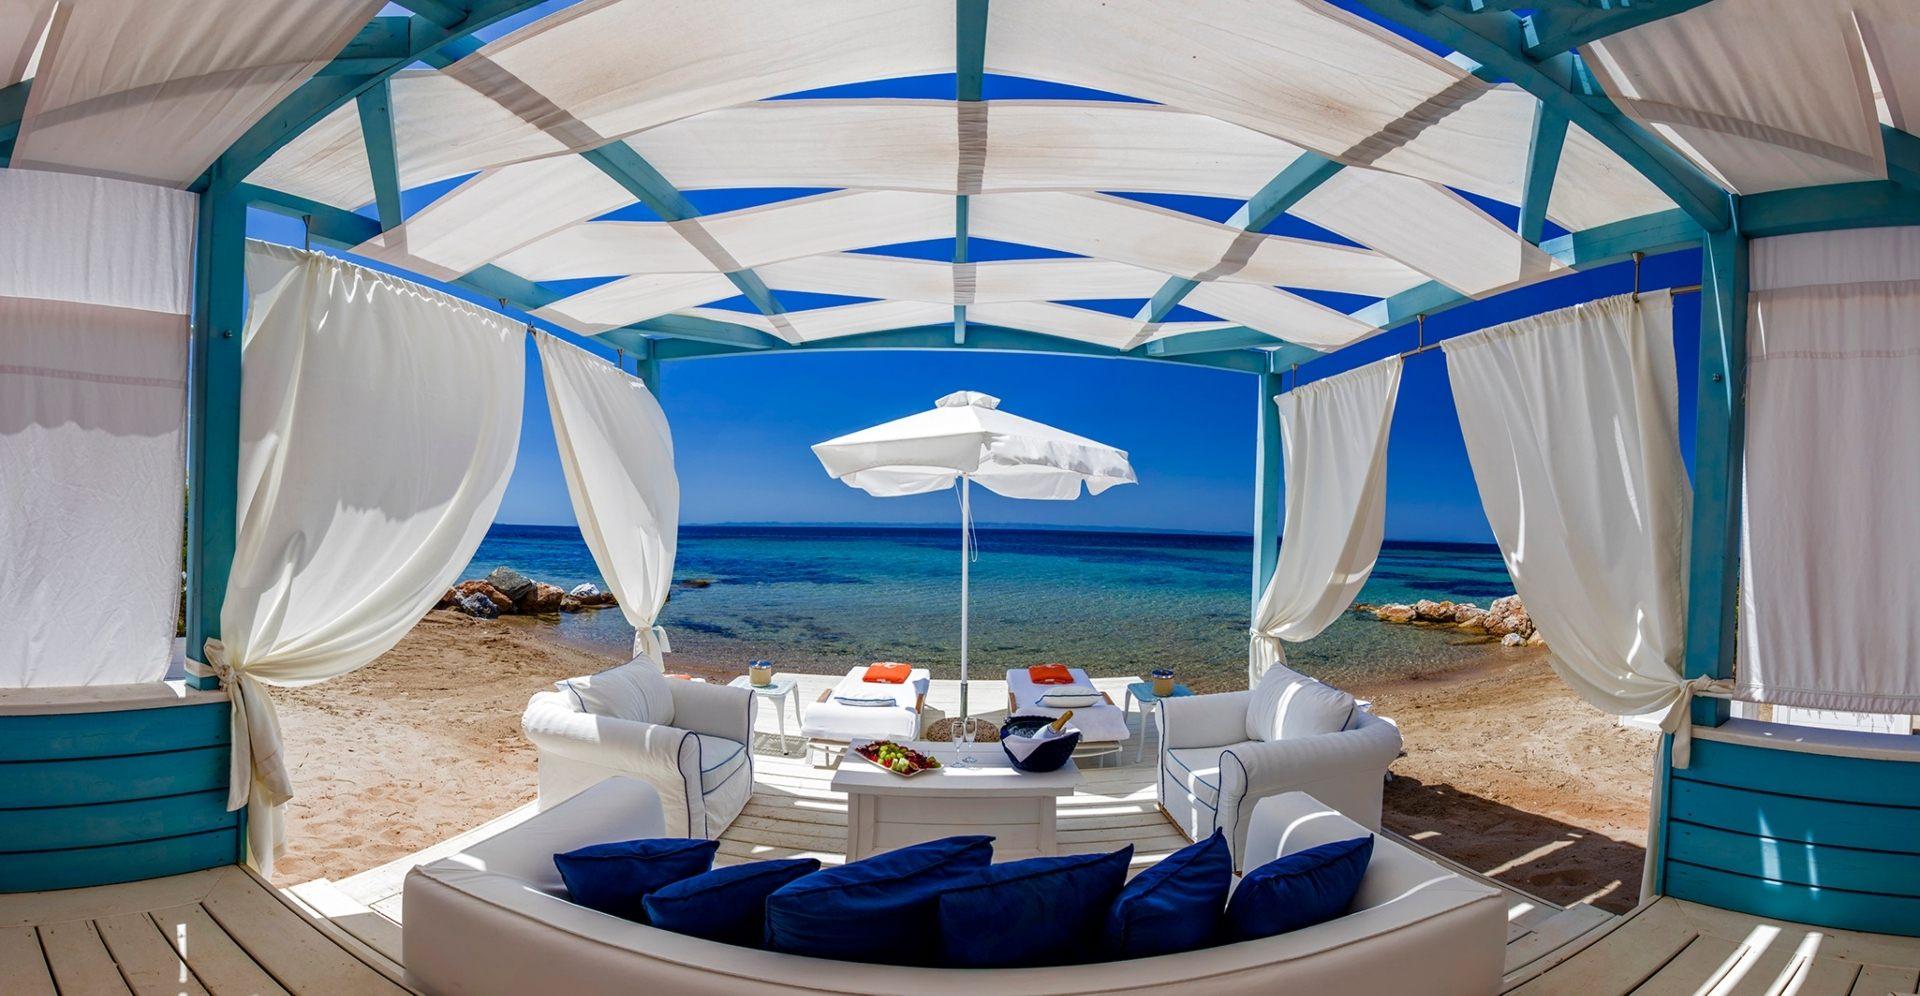 A Beach Cabana